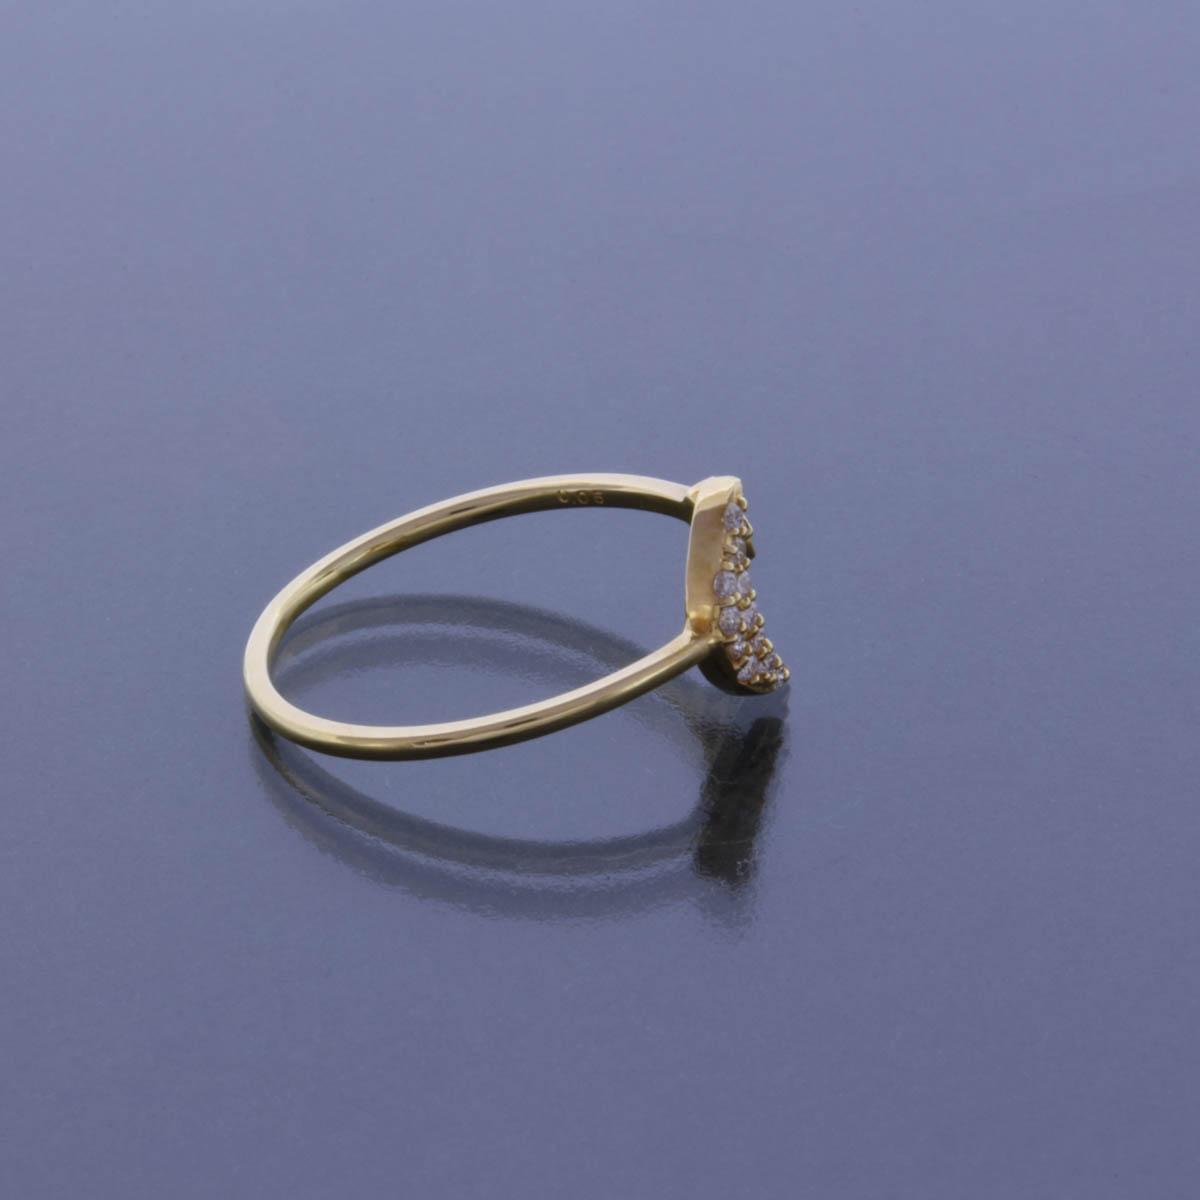 K18YG ダイヤモンド リング  月 星 ムーン スター デザイン